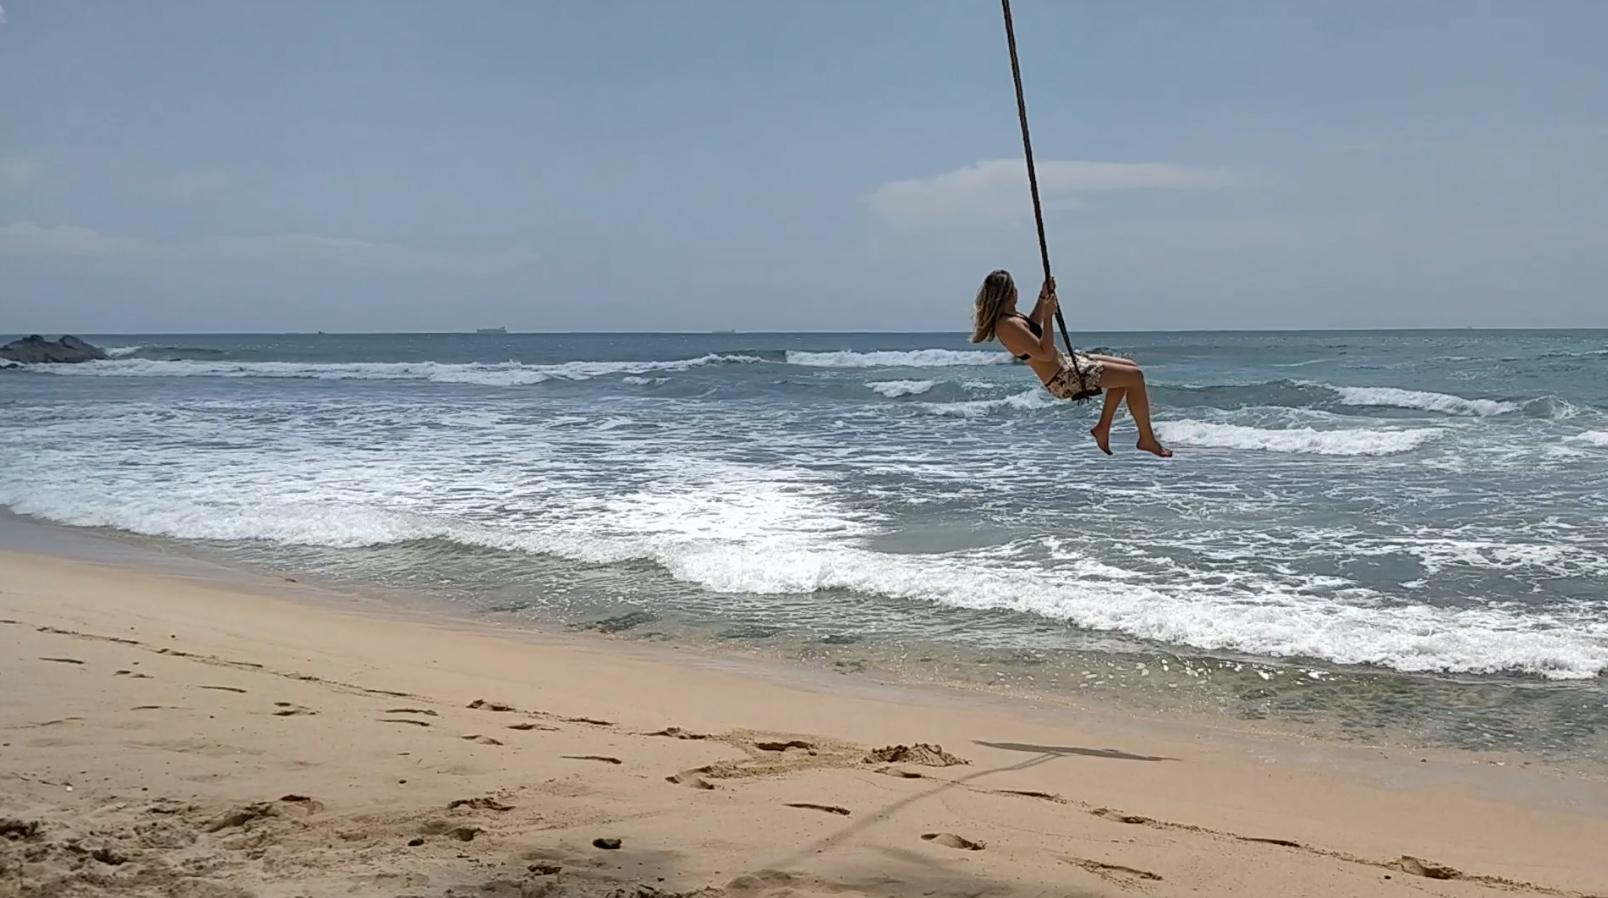 Frau schwingt auf einer Schaukel am Strand hoch über den Wellen des Meeres.